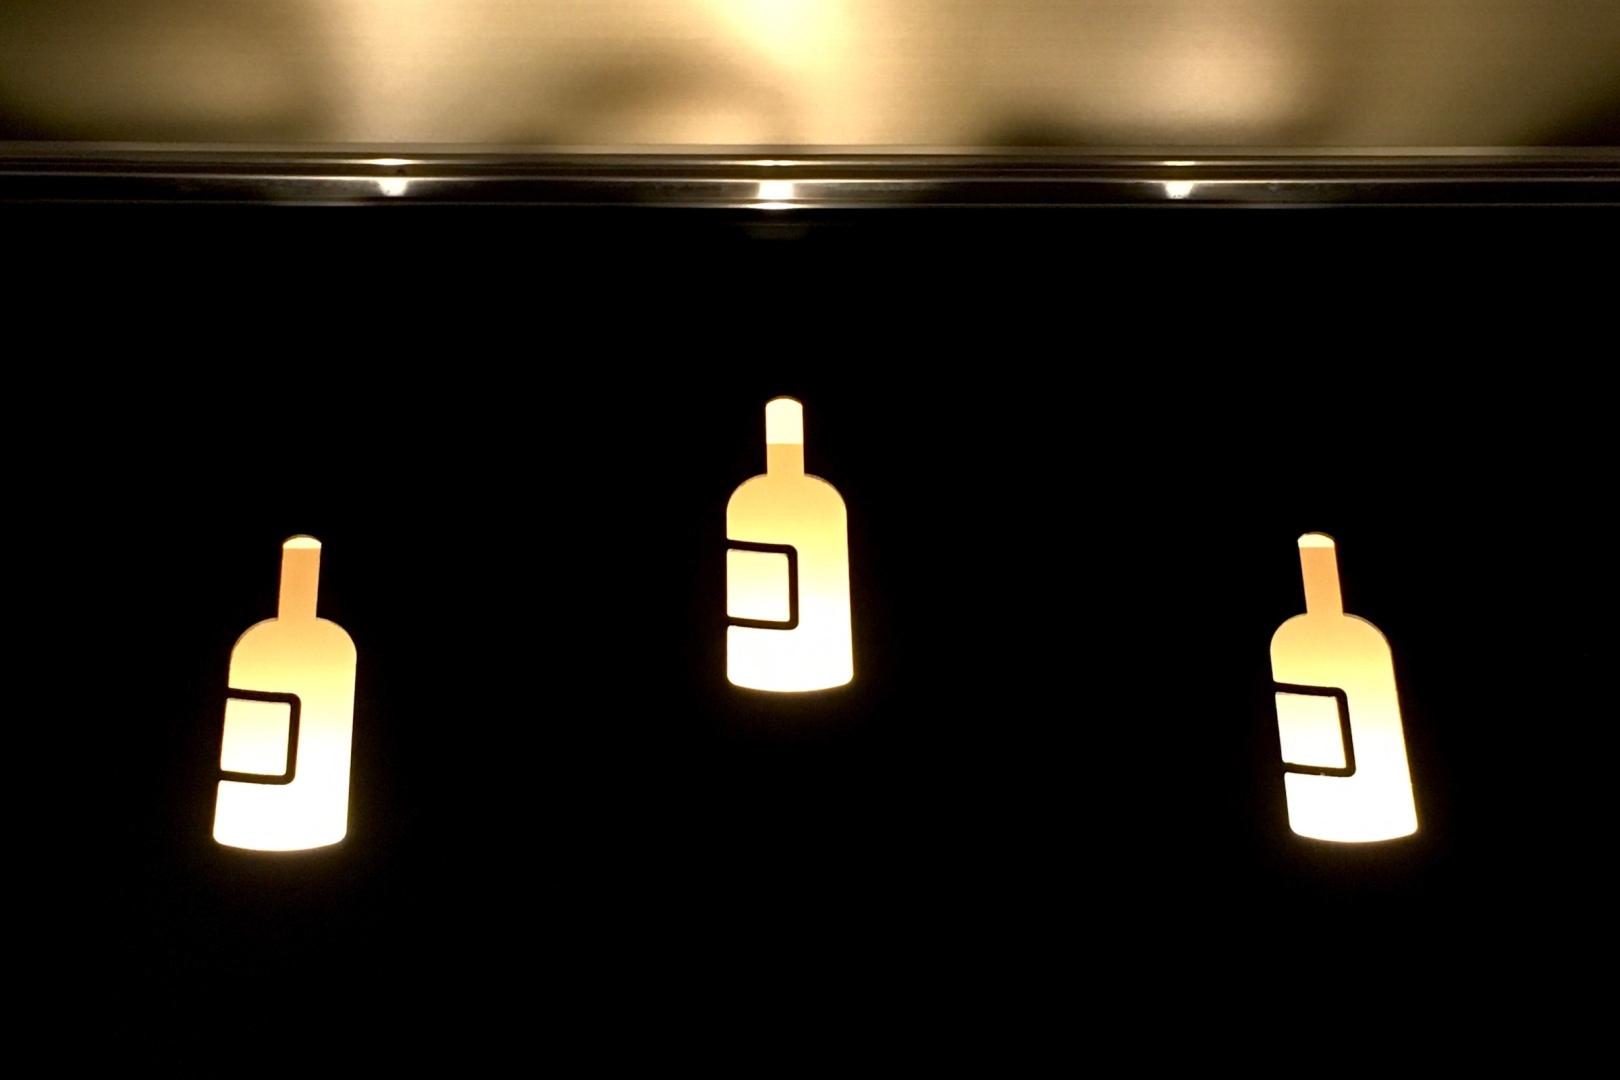 住吉酒販日比谷ミッドタウン店の看板